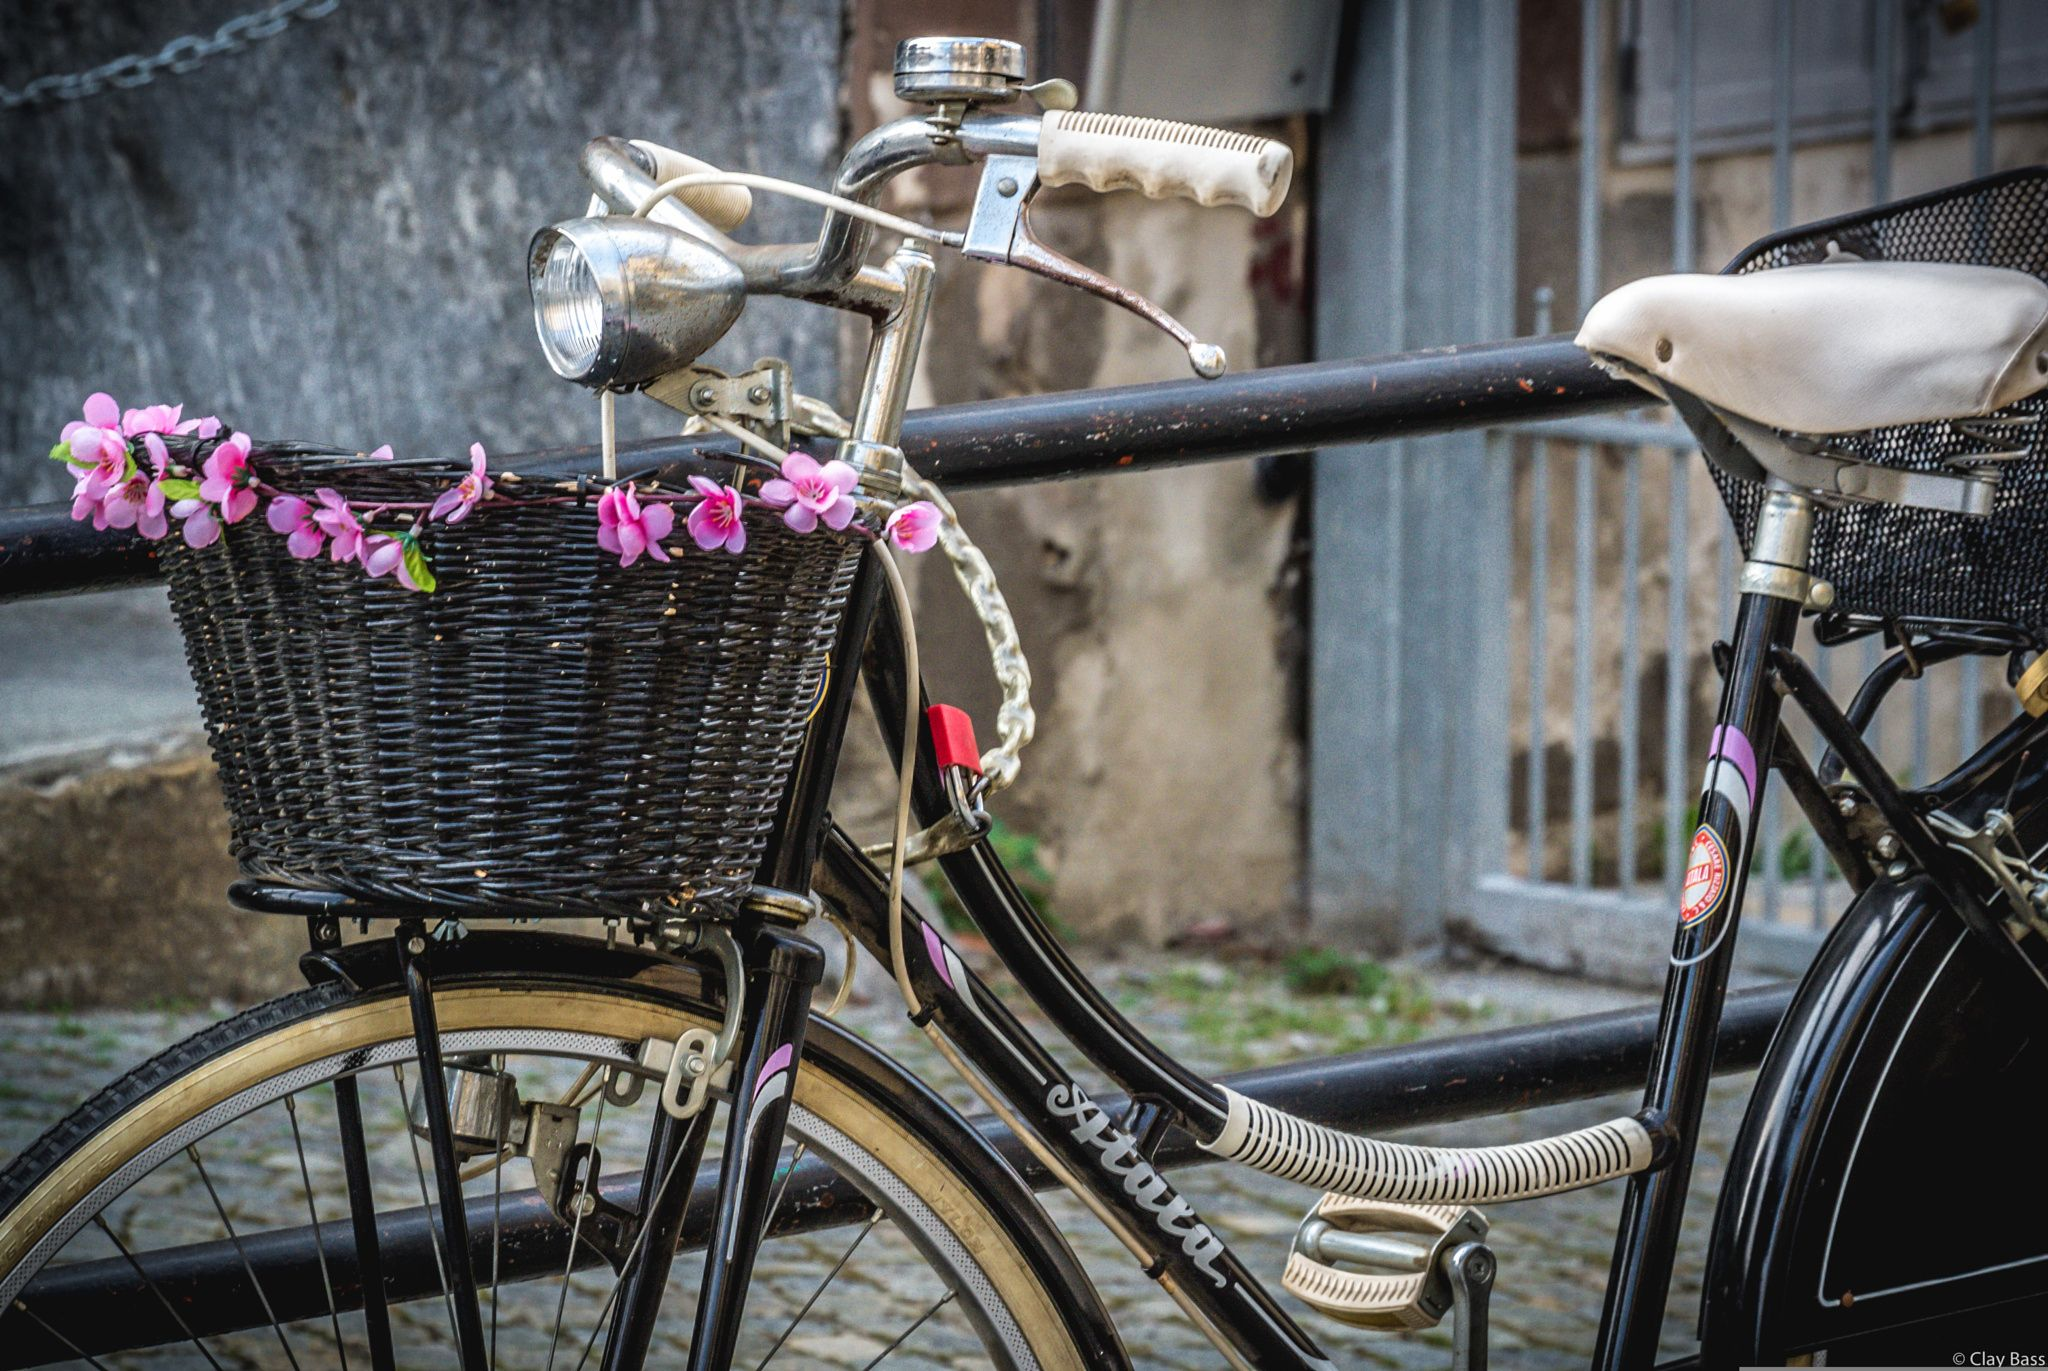 """bici da donna - non basta la mancanza della barra centrale a definire una """"bici da donna"""", ci vuole proprio quel tocco femminile..."""